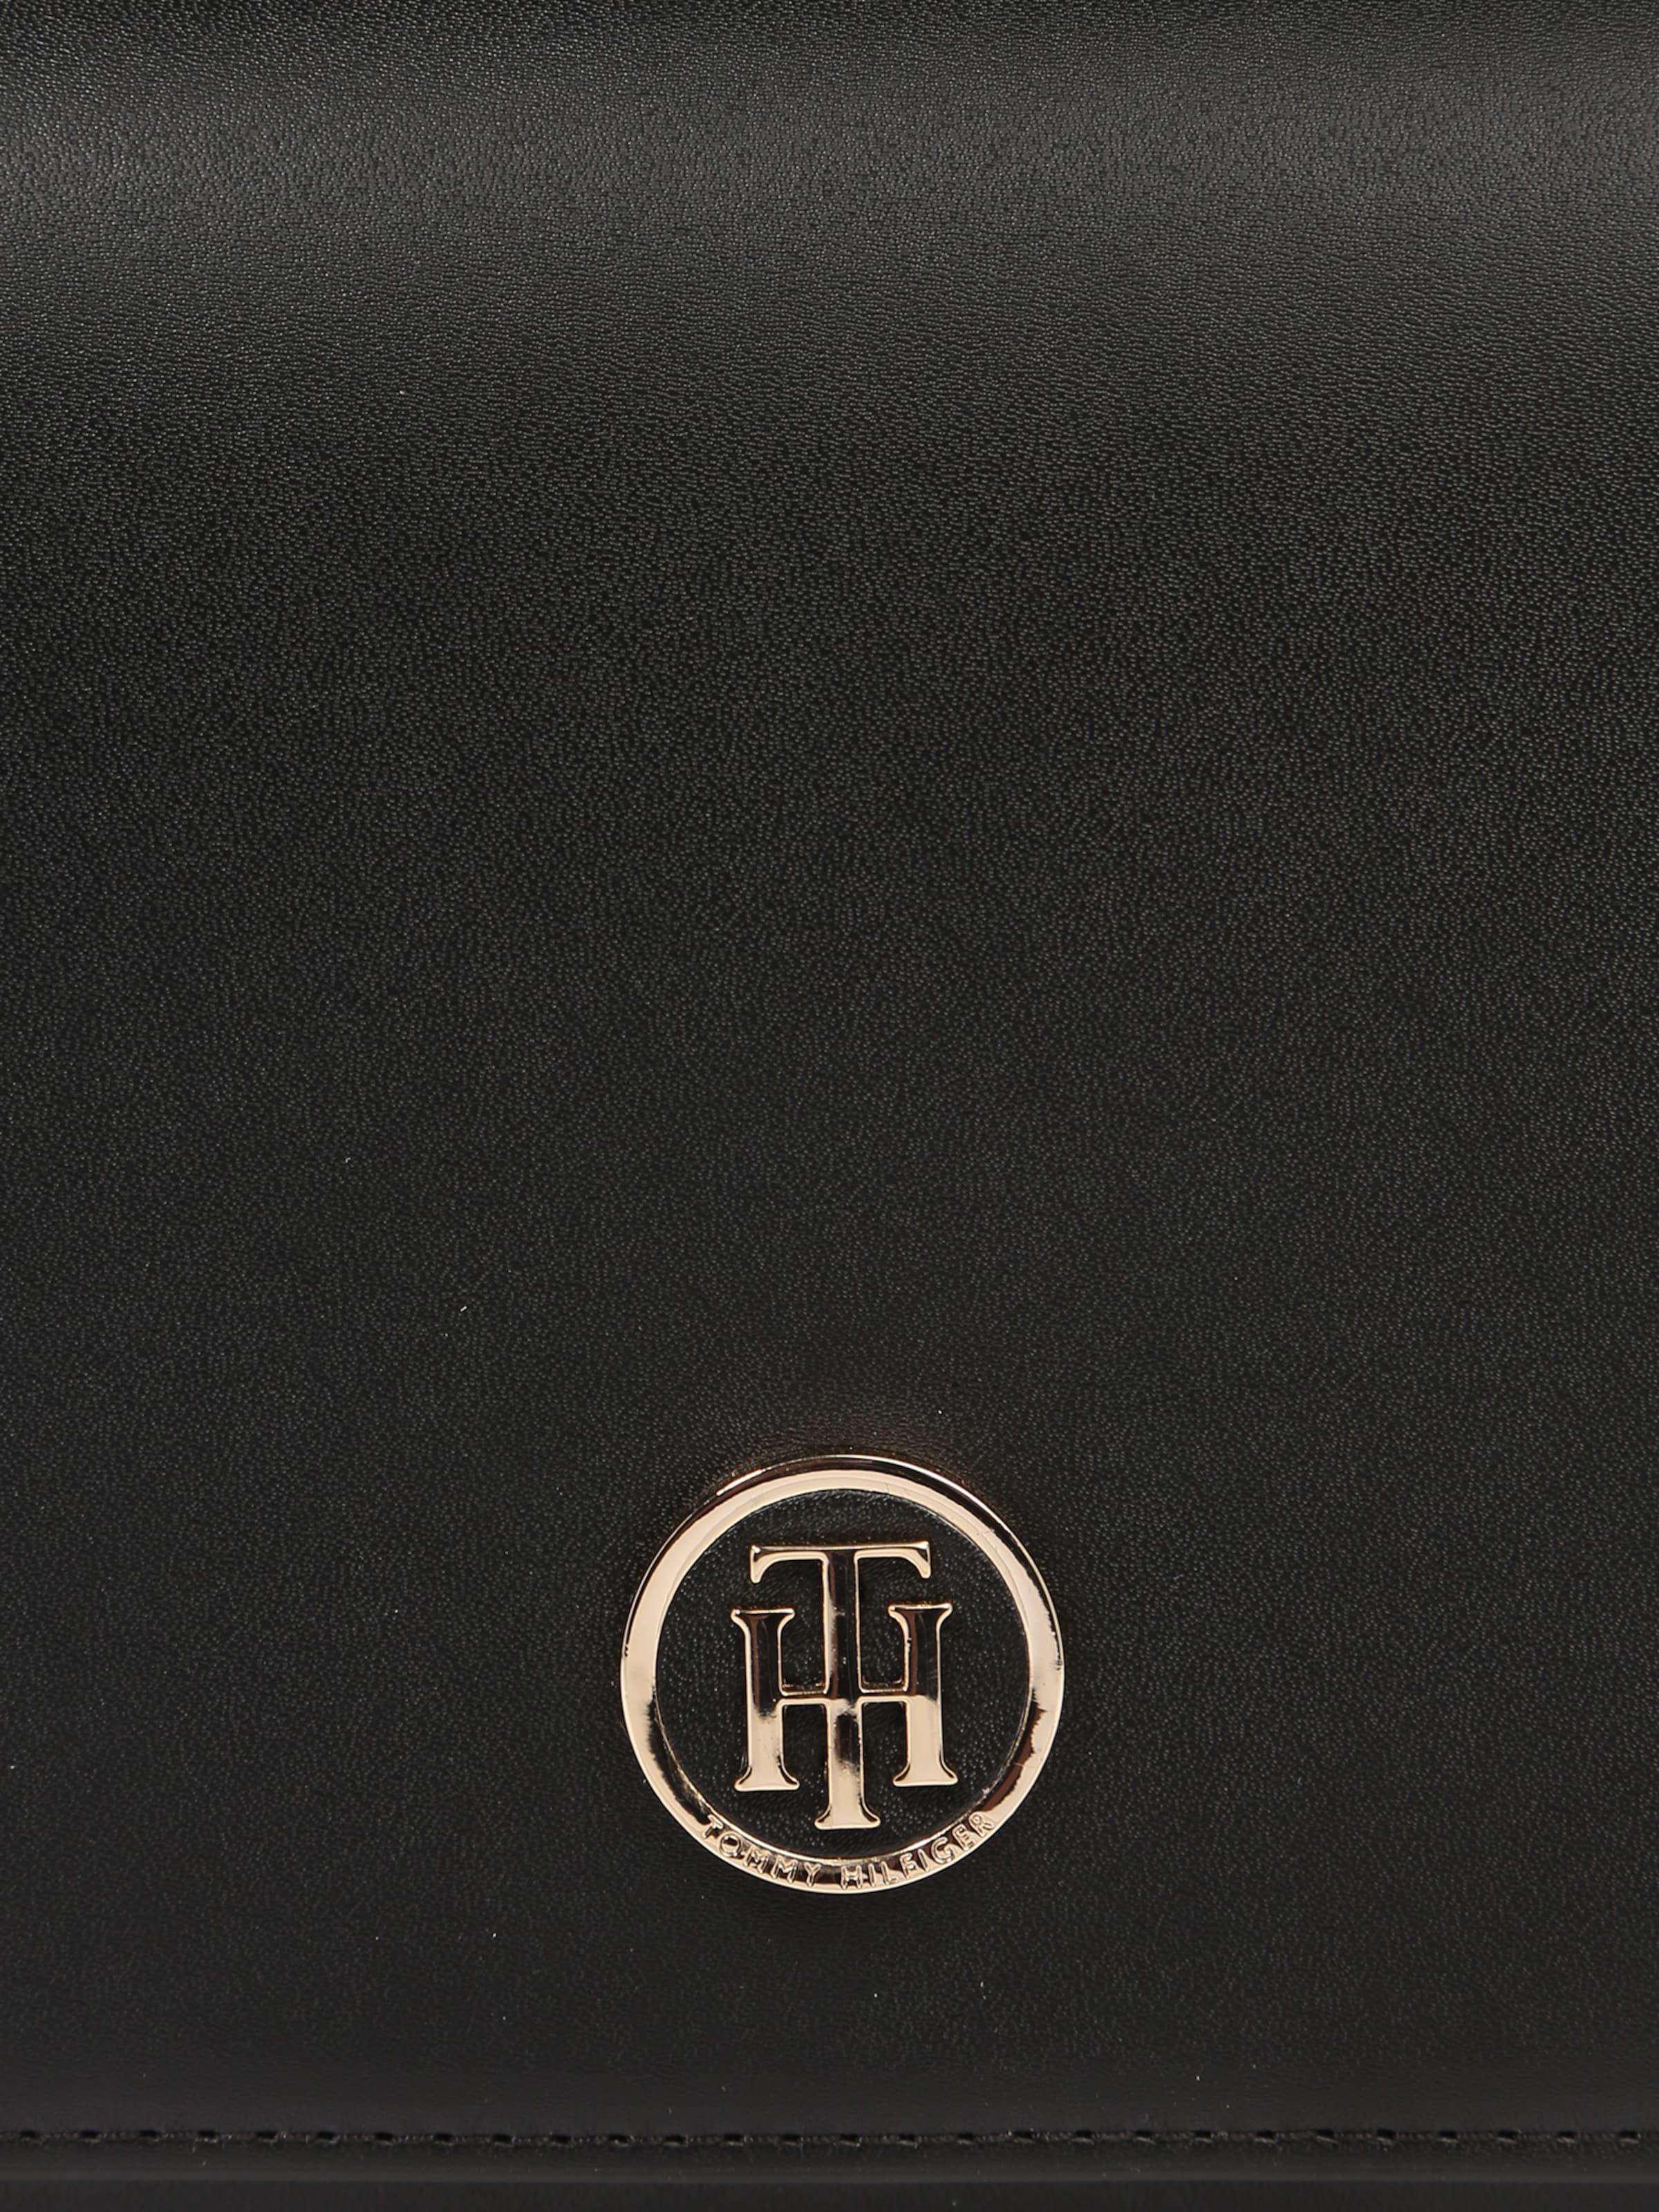 Ausverkauf Outlet Online Bestellen TOMMY HILFIGER Umhängetasche 'YOUTHFUL HERITAGE' Jsh8MEtM